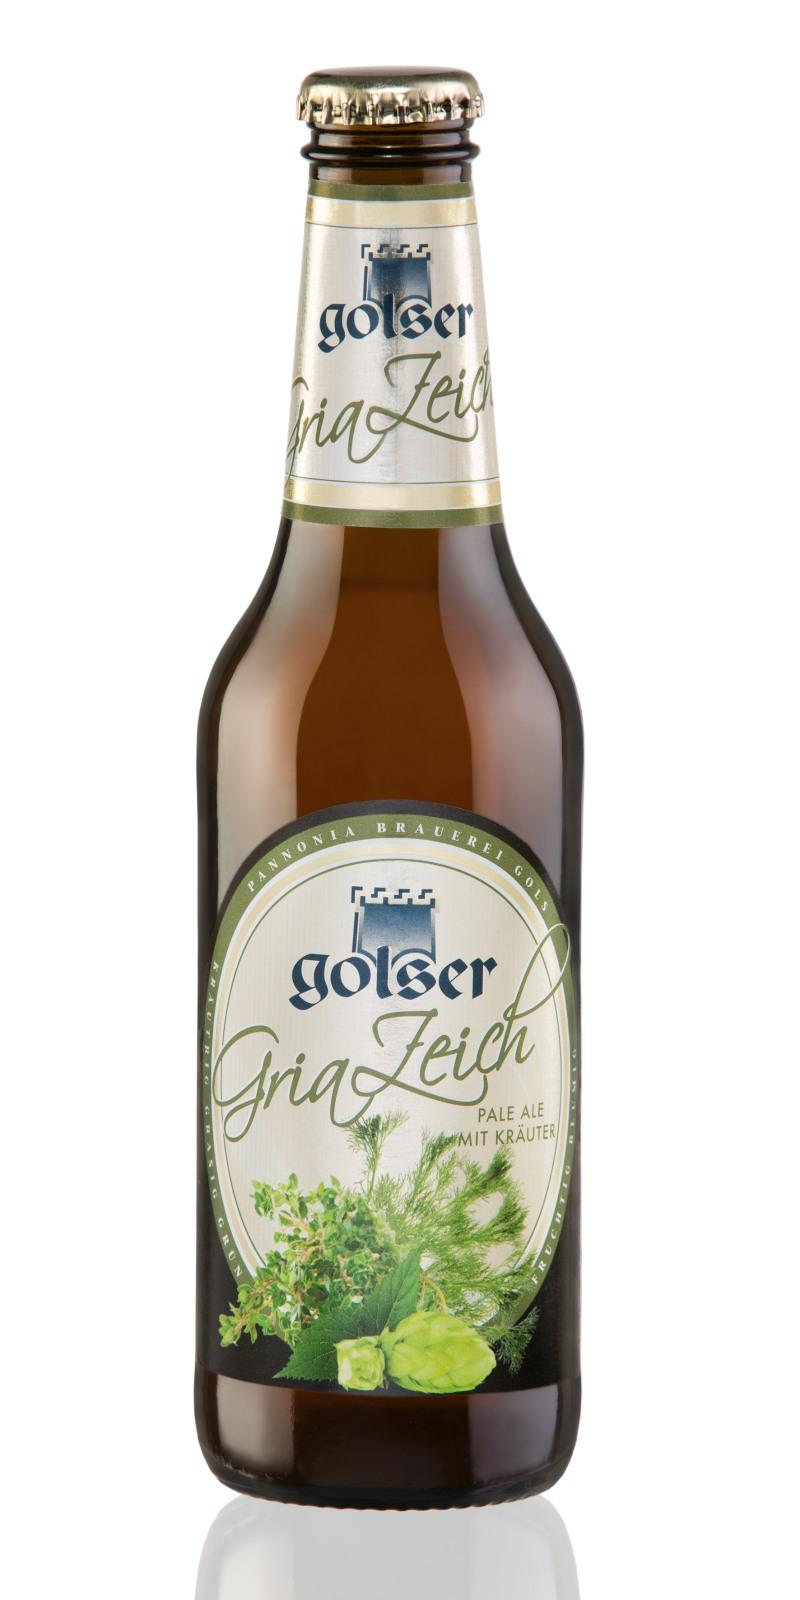 Golserr burgenländisches Bier Kräuter